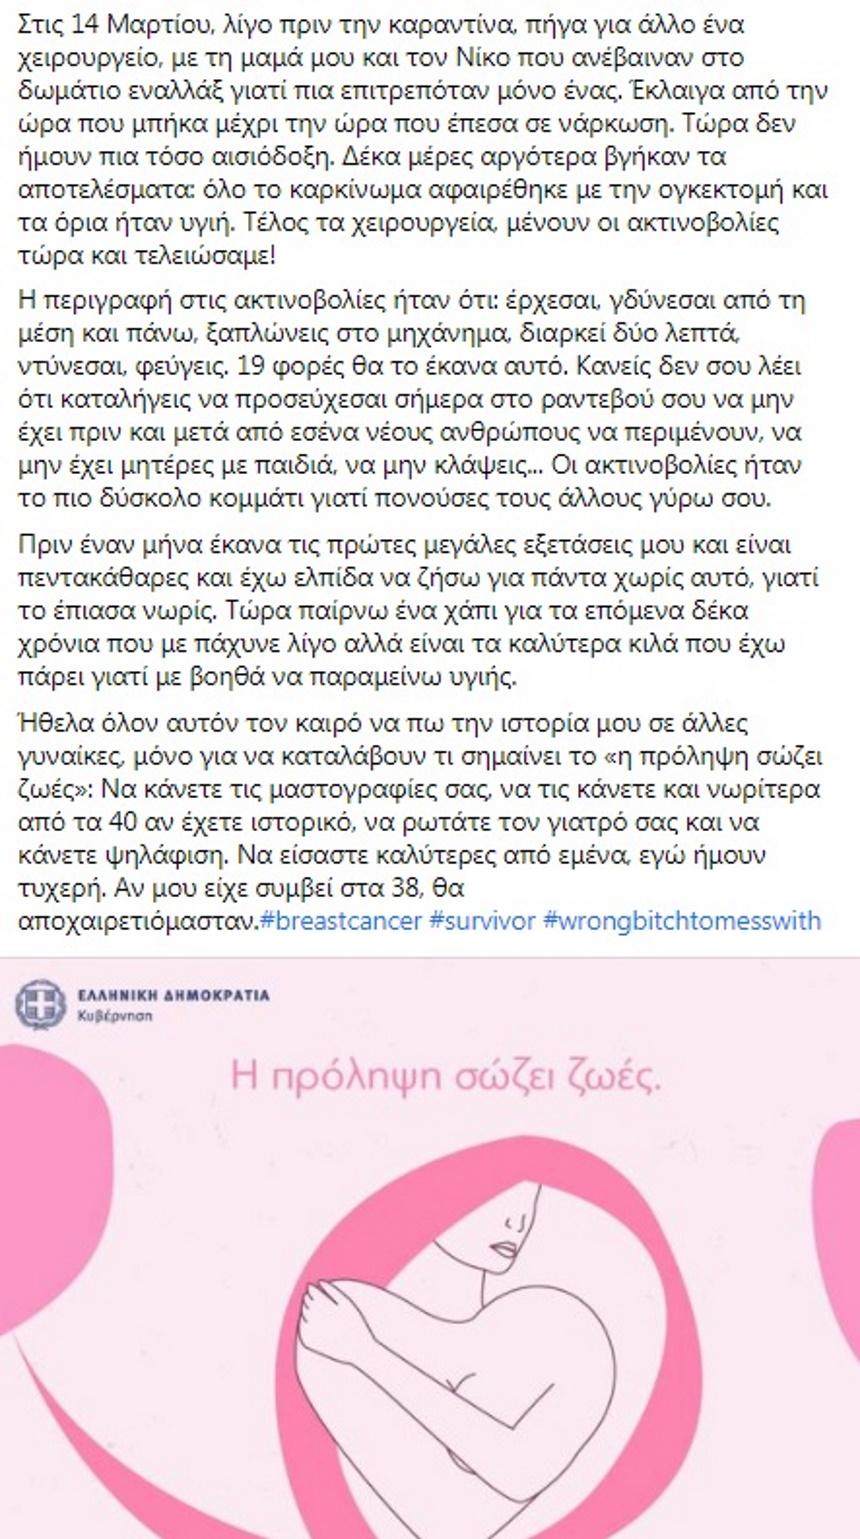 Μαριλού Ρεπαπή: Η συγκλονιστική δημόσια εξομολόγηση για την περιπέτεια με τον καρκίνο του μαστού (pics)